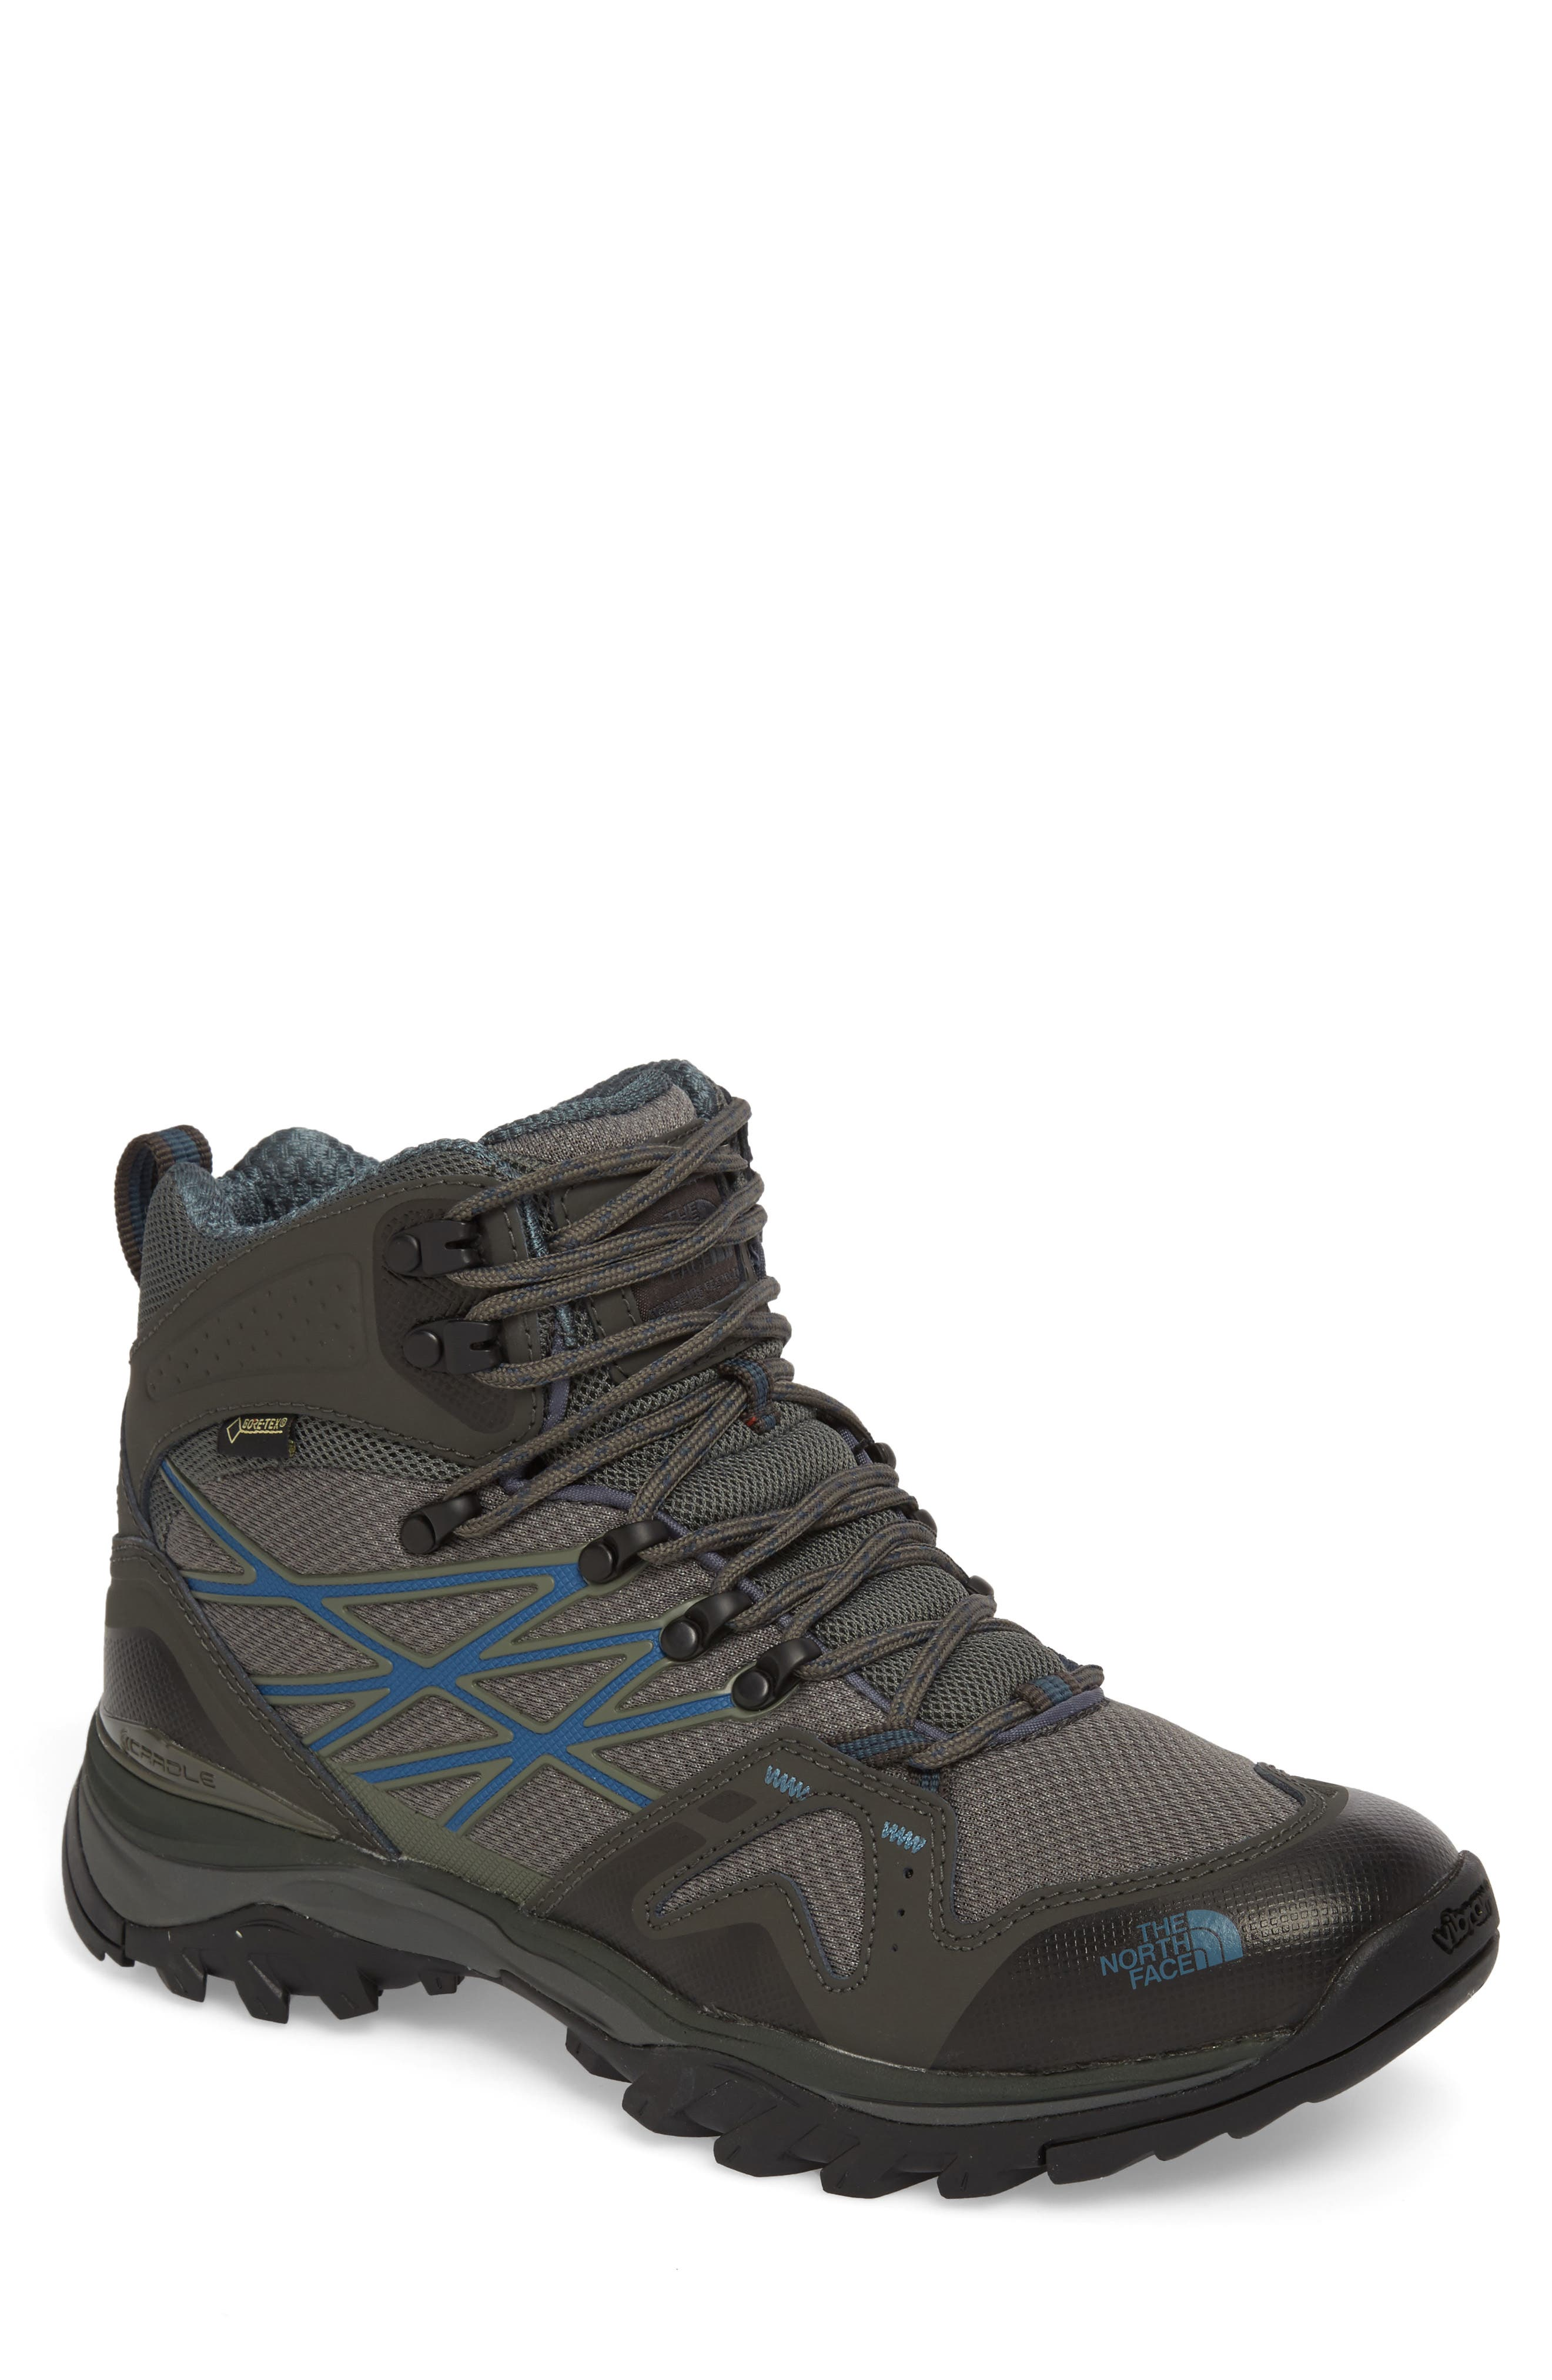 Hedgehog Fastpack Mid Gore-Tex<sup>®</sup> Waterproof Hiking Shoe,                         Main,                         color,